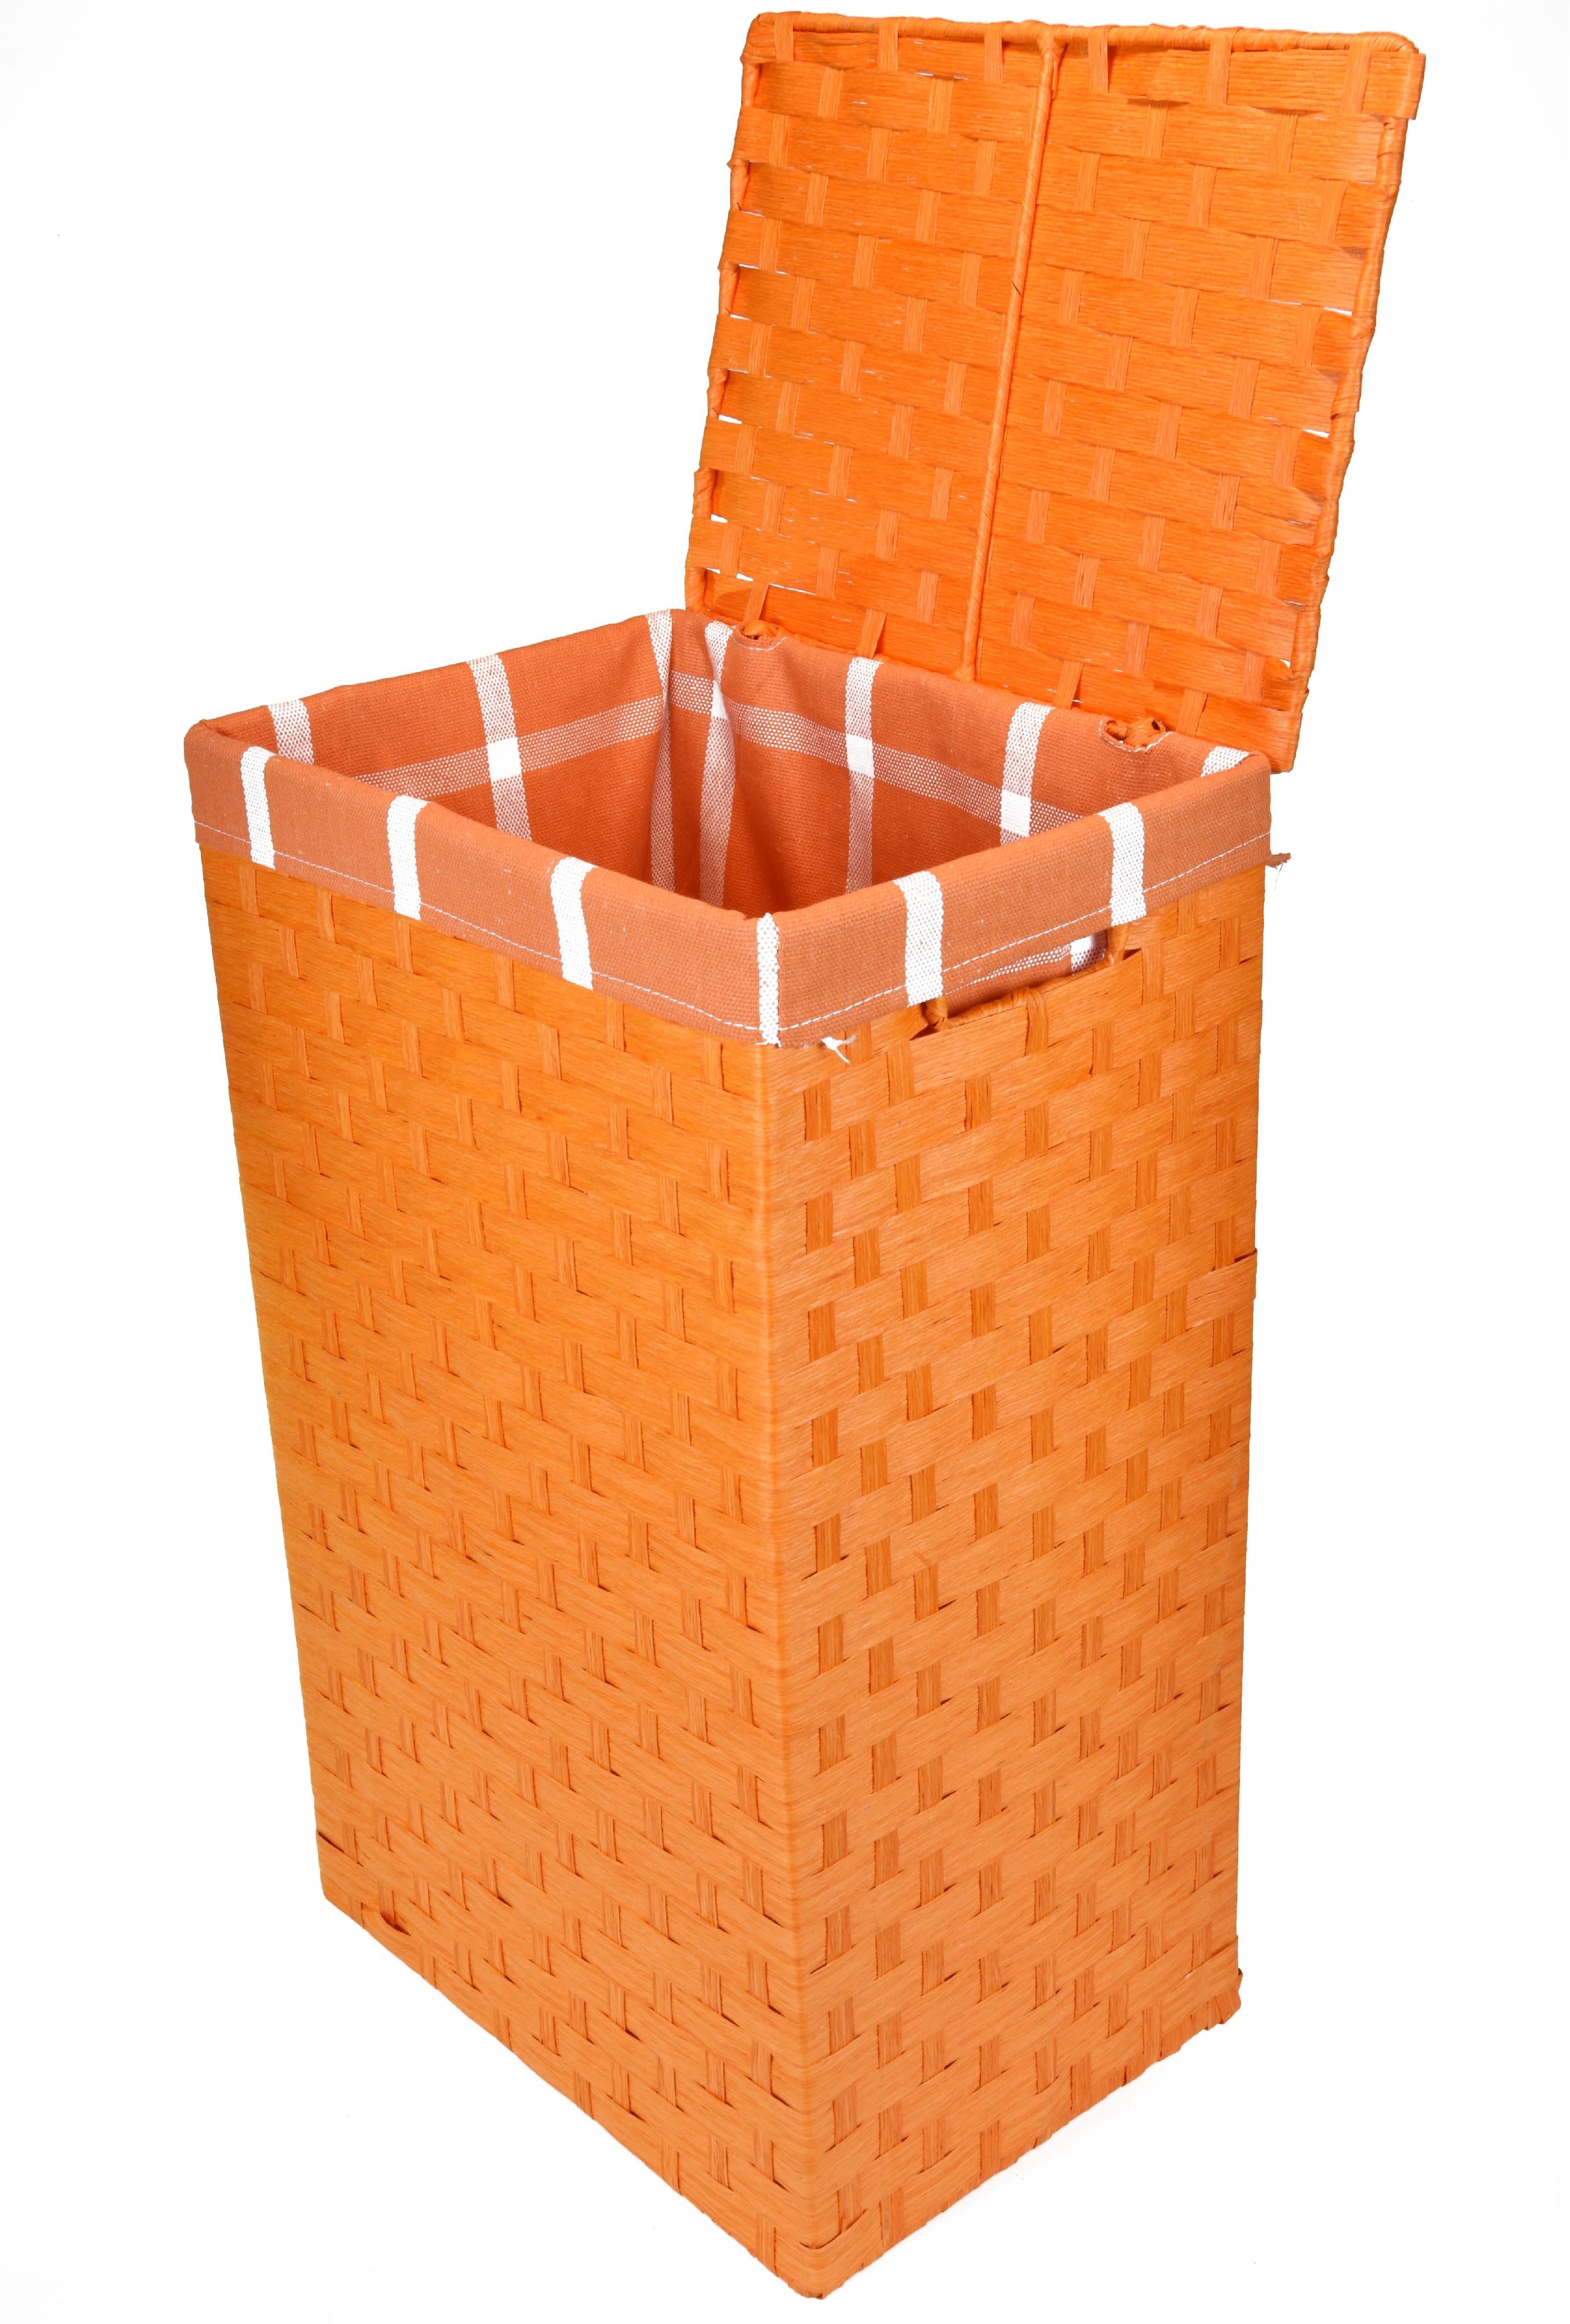 Koš na prádlo oranžový Rozměry (cm): sada 64x43x34|61x40x30|58x36x26